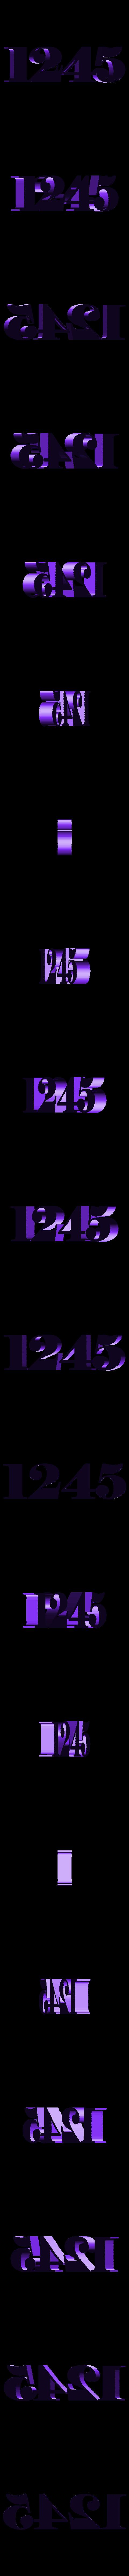 Numbers_1245.stl Télécharger fichier STL gratuit Сlock sur le mur • Plan pour imprimante 3D, gaevskiiy